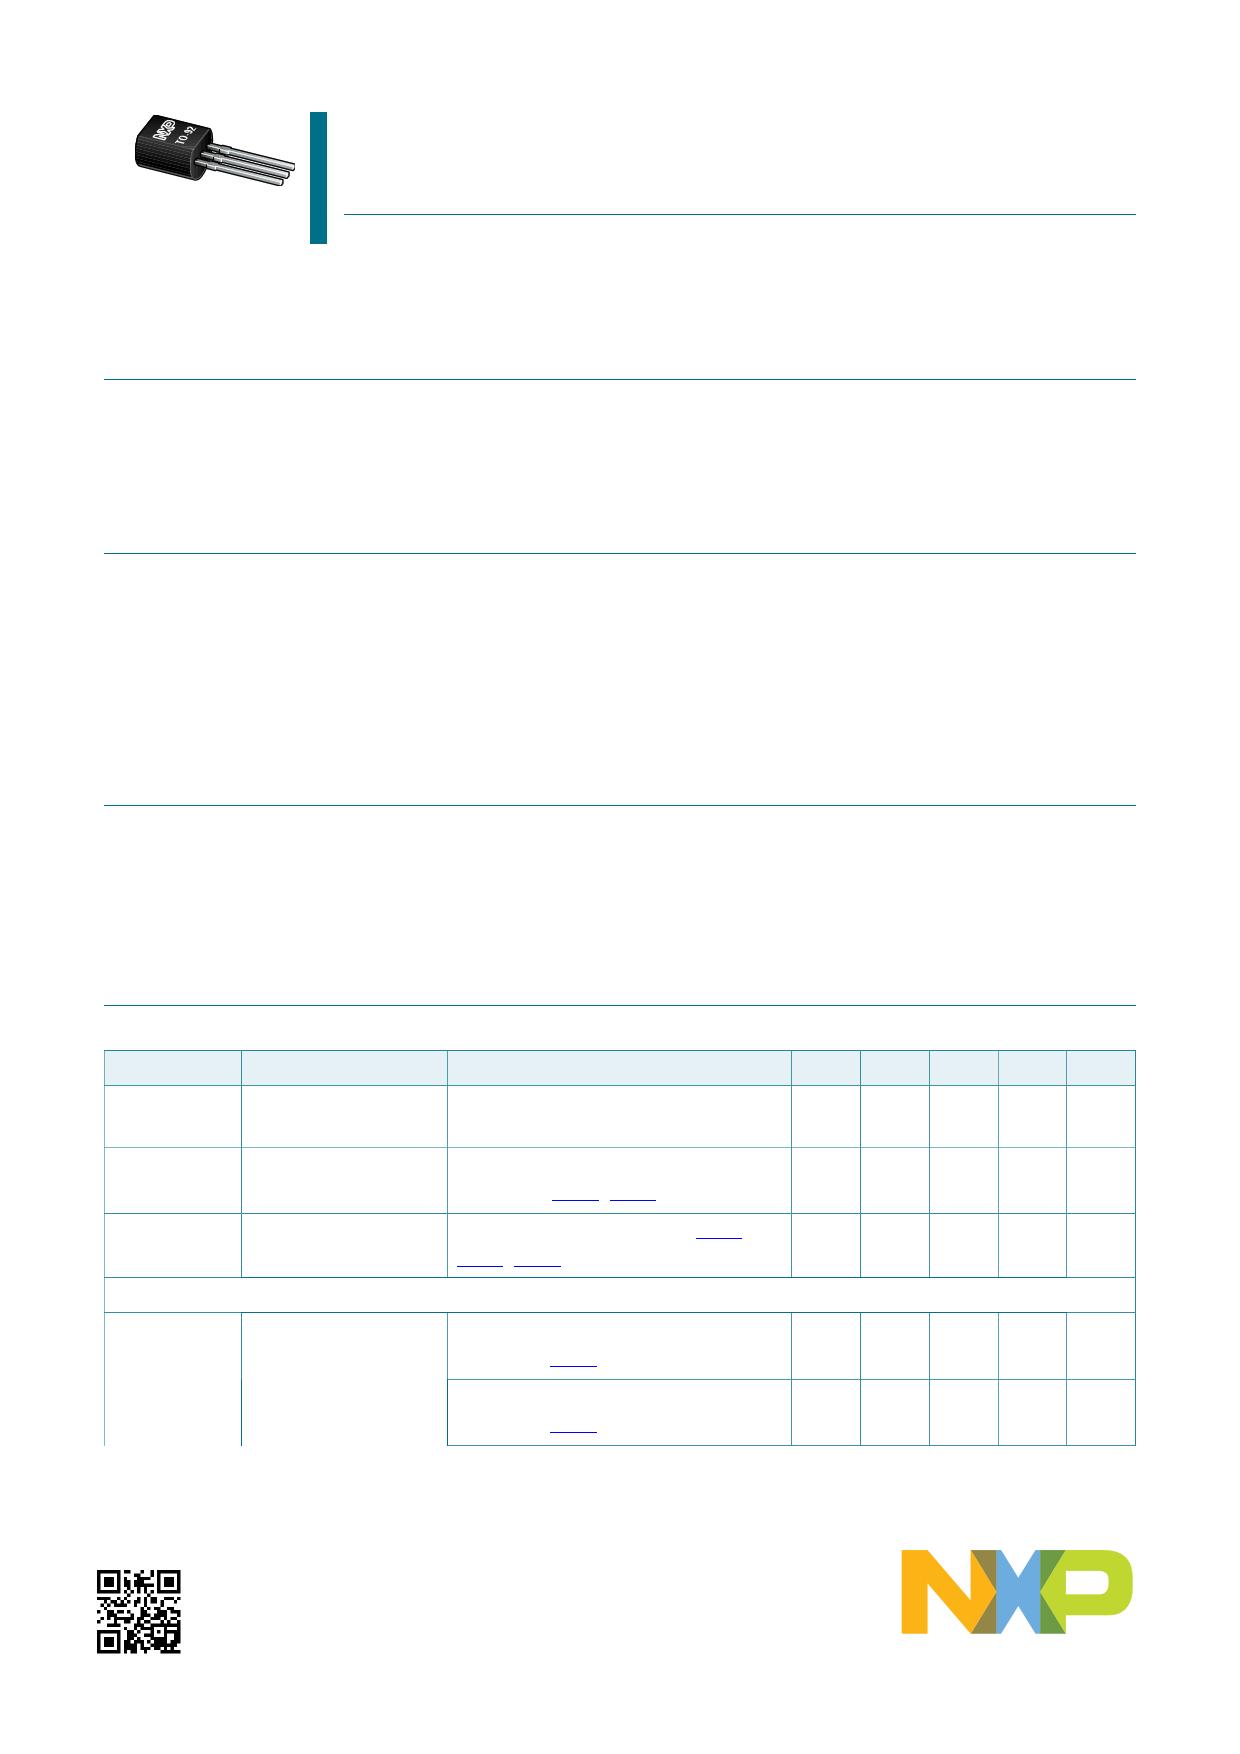 Z0103MA datasheet